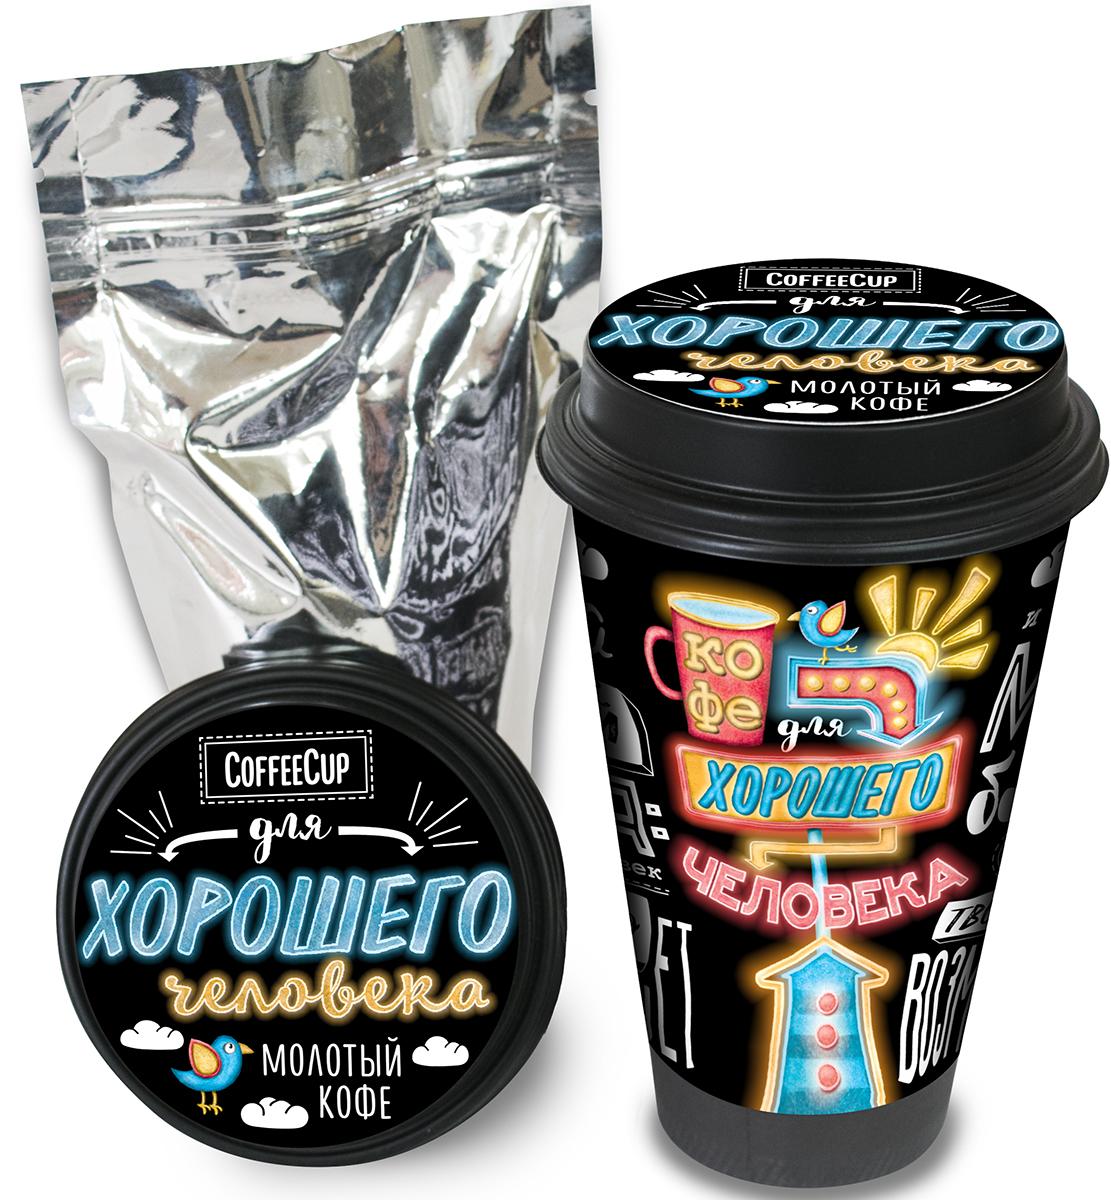 Кофе молотый Chokocat Для хорошего человека, арабика, 100 г футболка добро должно быть с кулаками